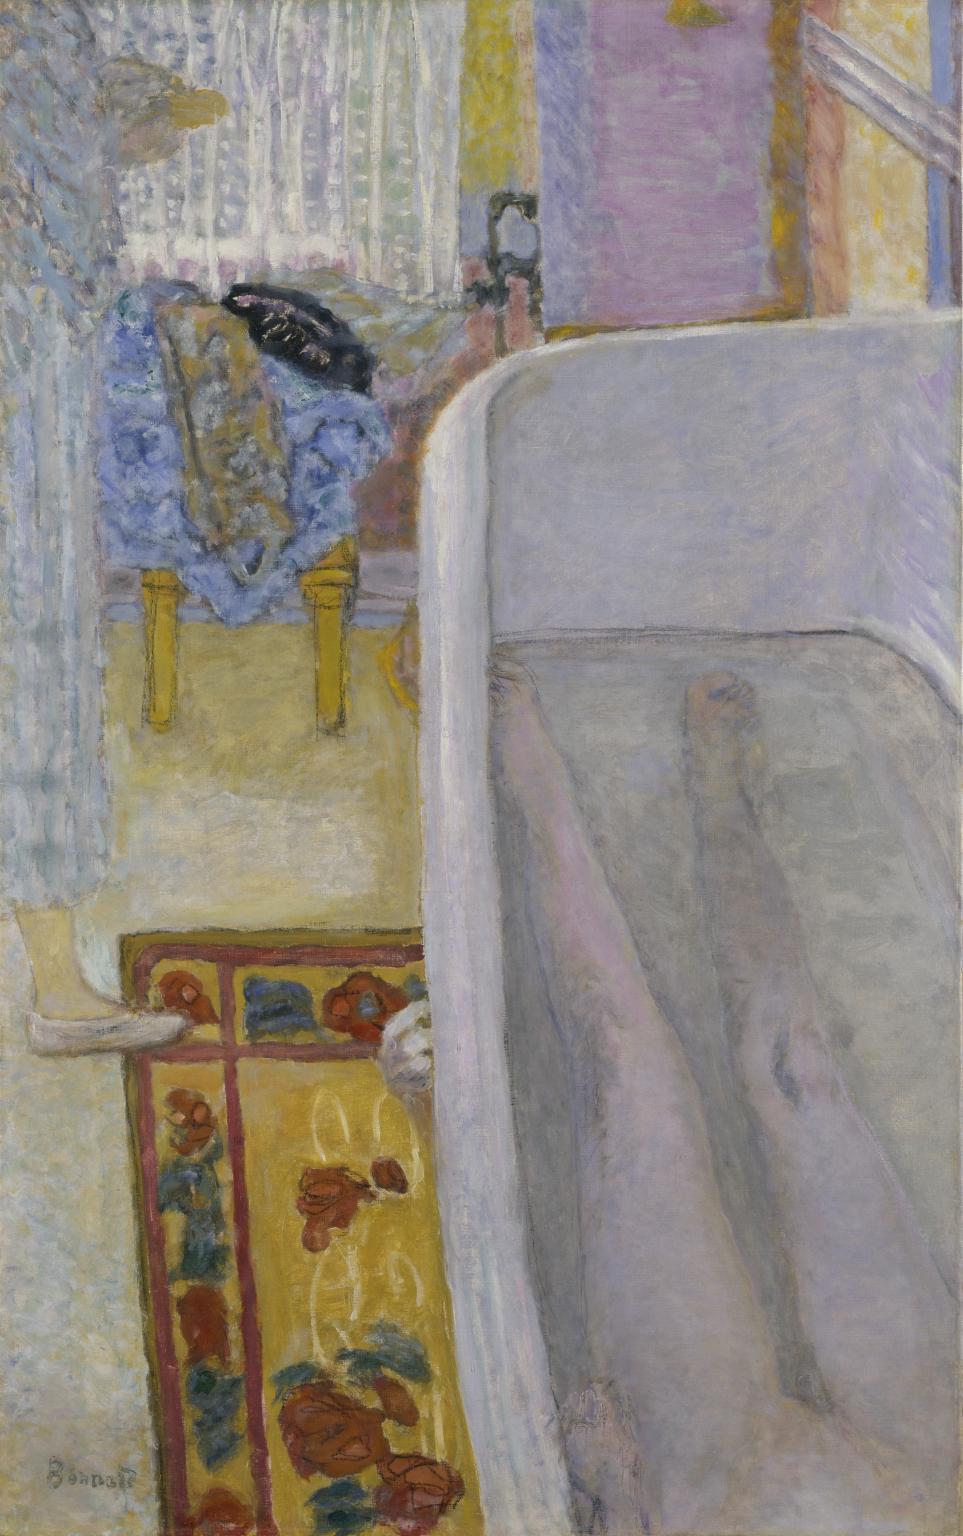 File:Pierre Bonnard - Nu dans le bain.jpg - Wikimedia Commons